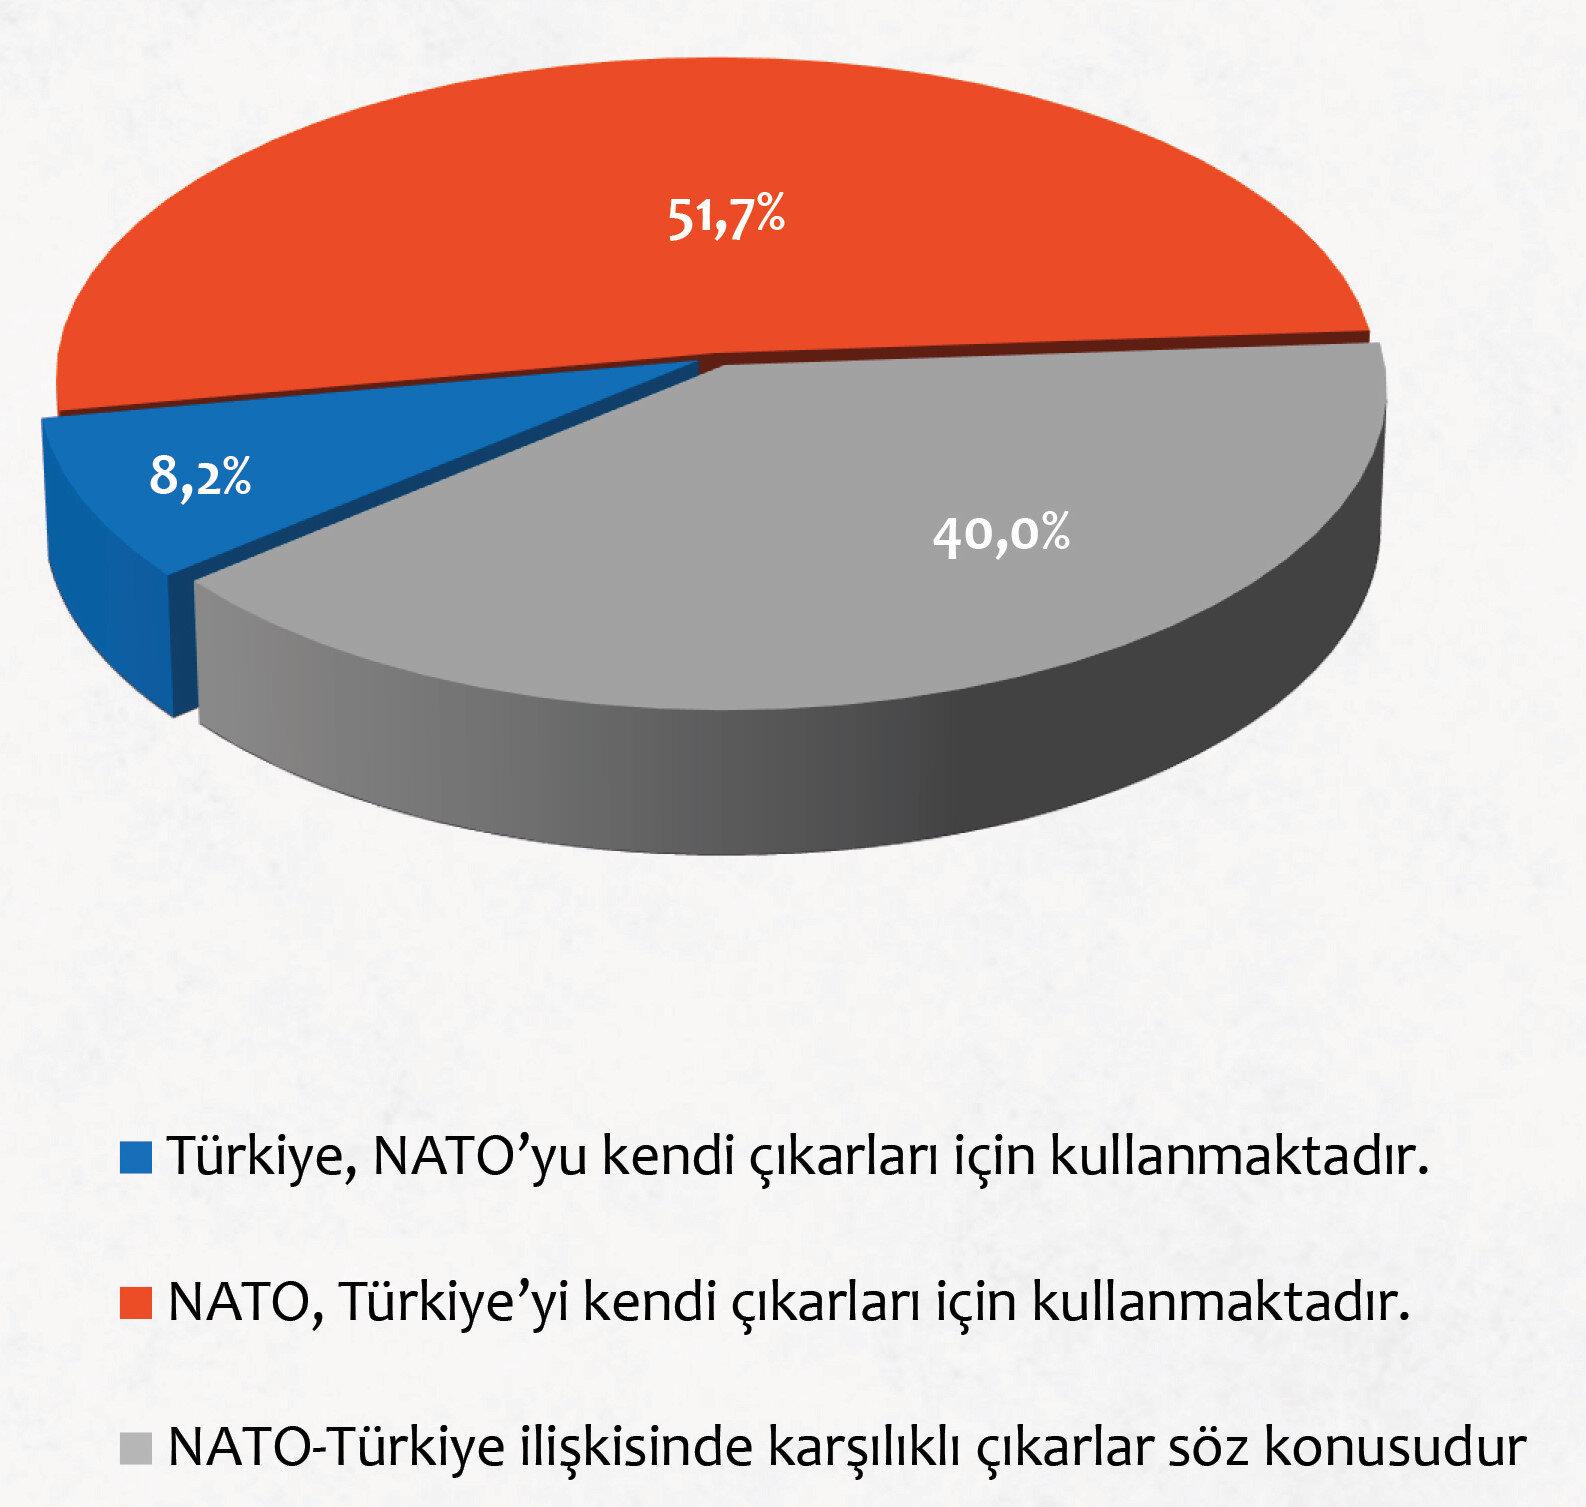 Türkiye-NATO ilişkisini ifade eden en uygun cümle hangisidir?